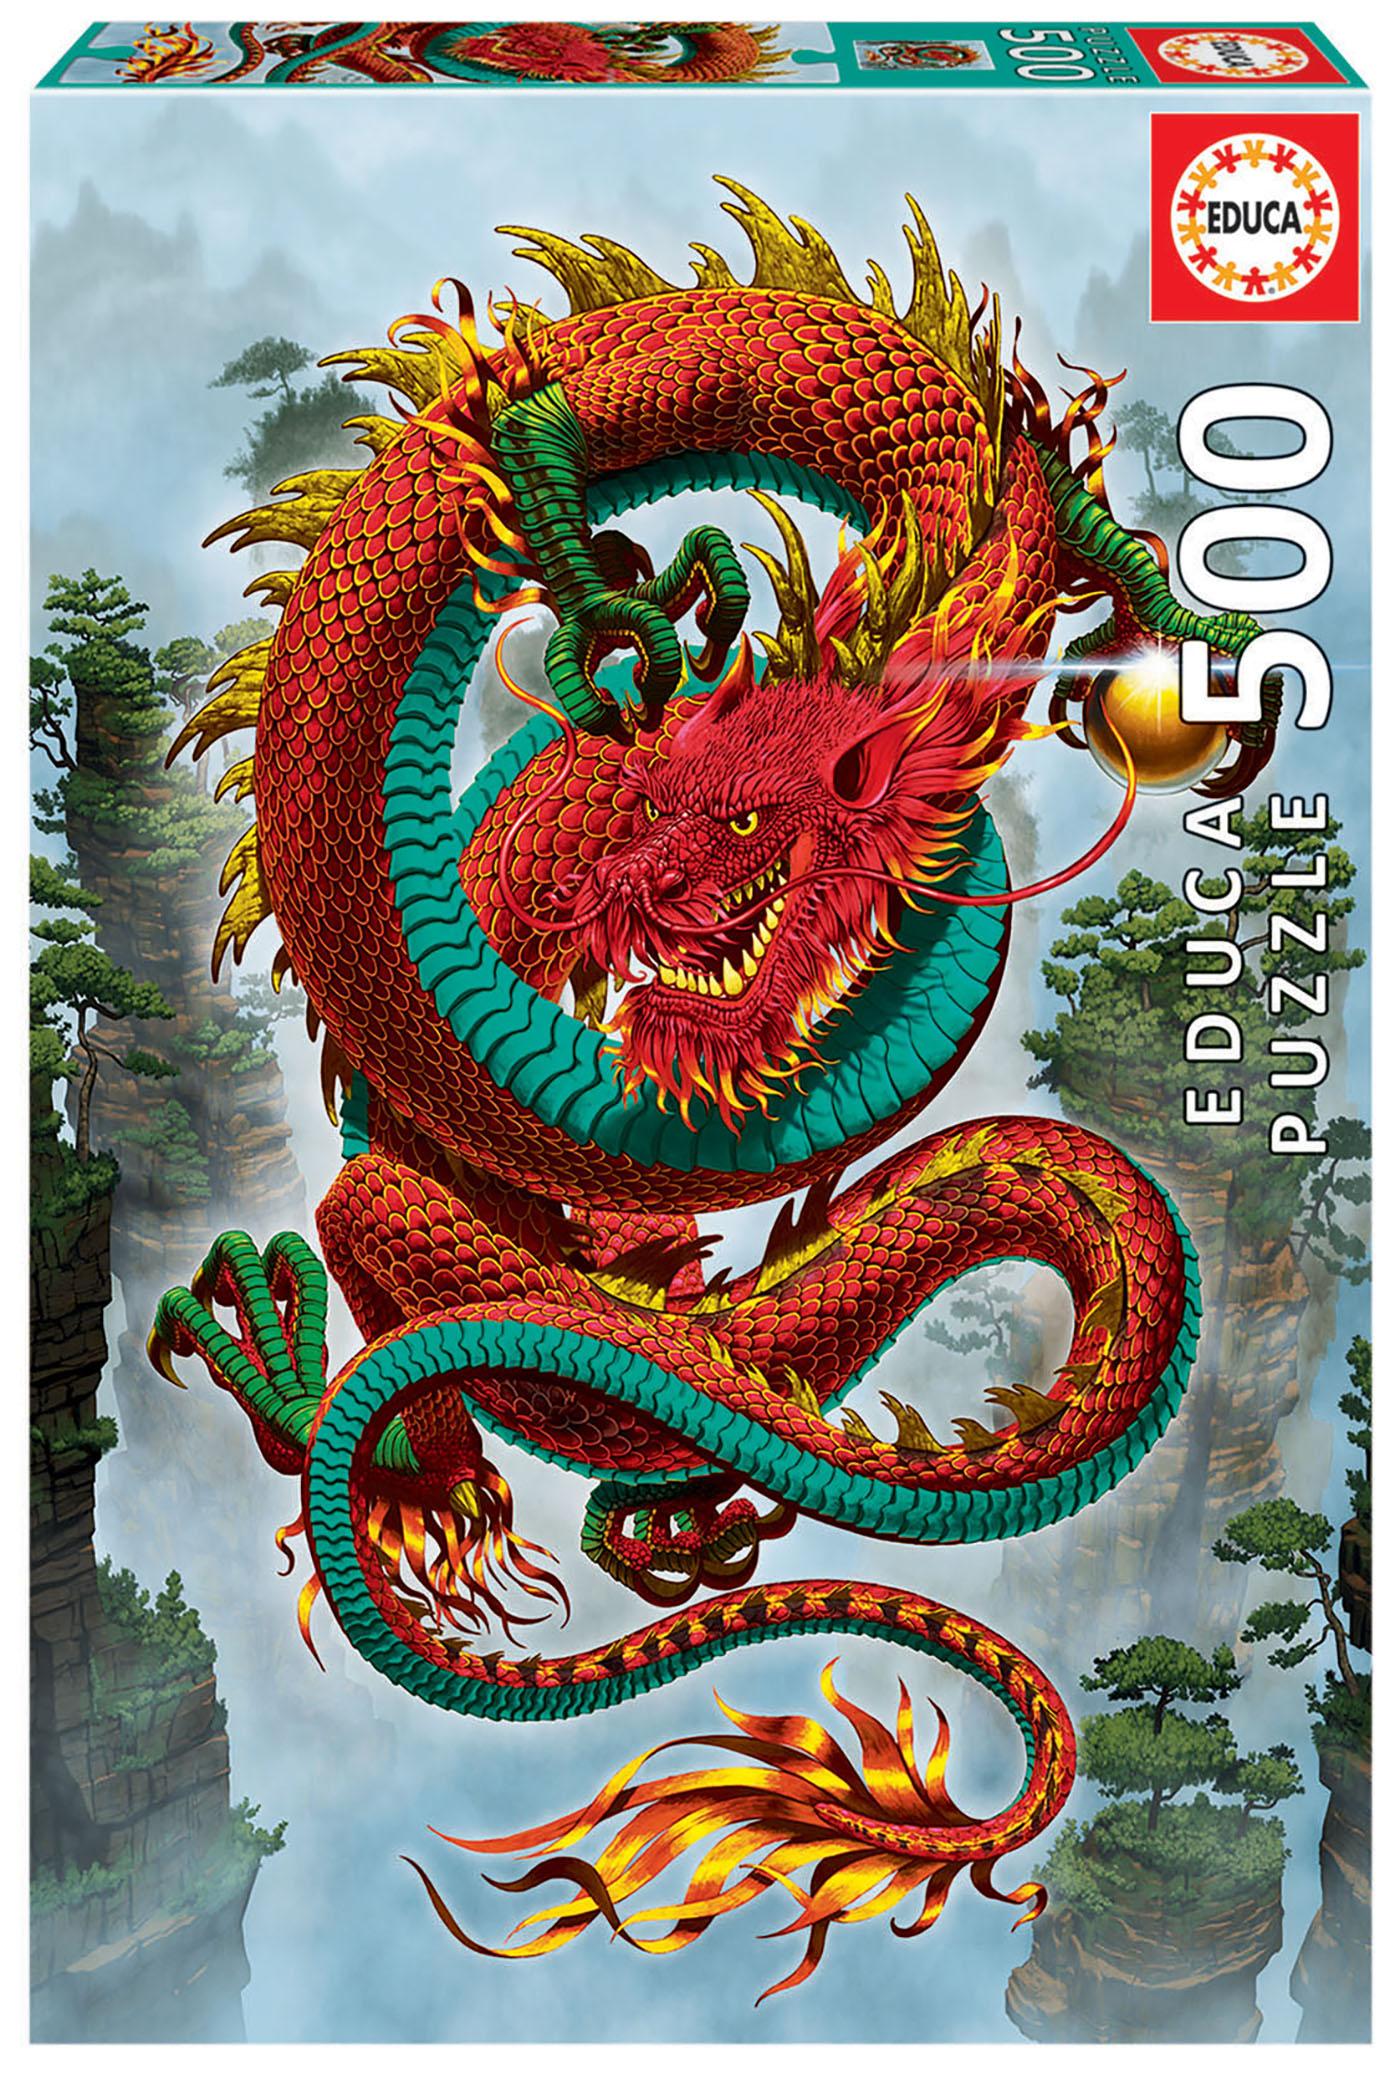 Puzzle 500 piese - Good Fortune Dragon | Educa